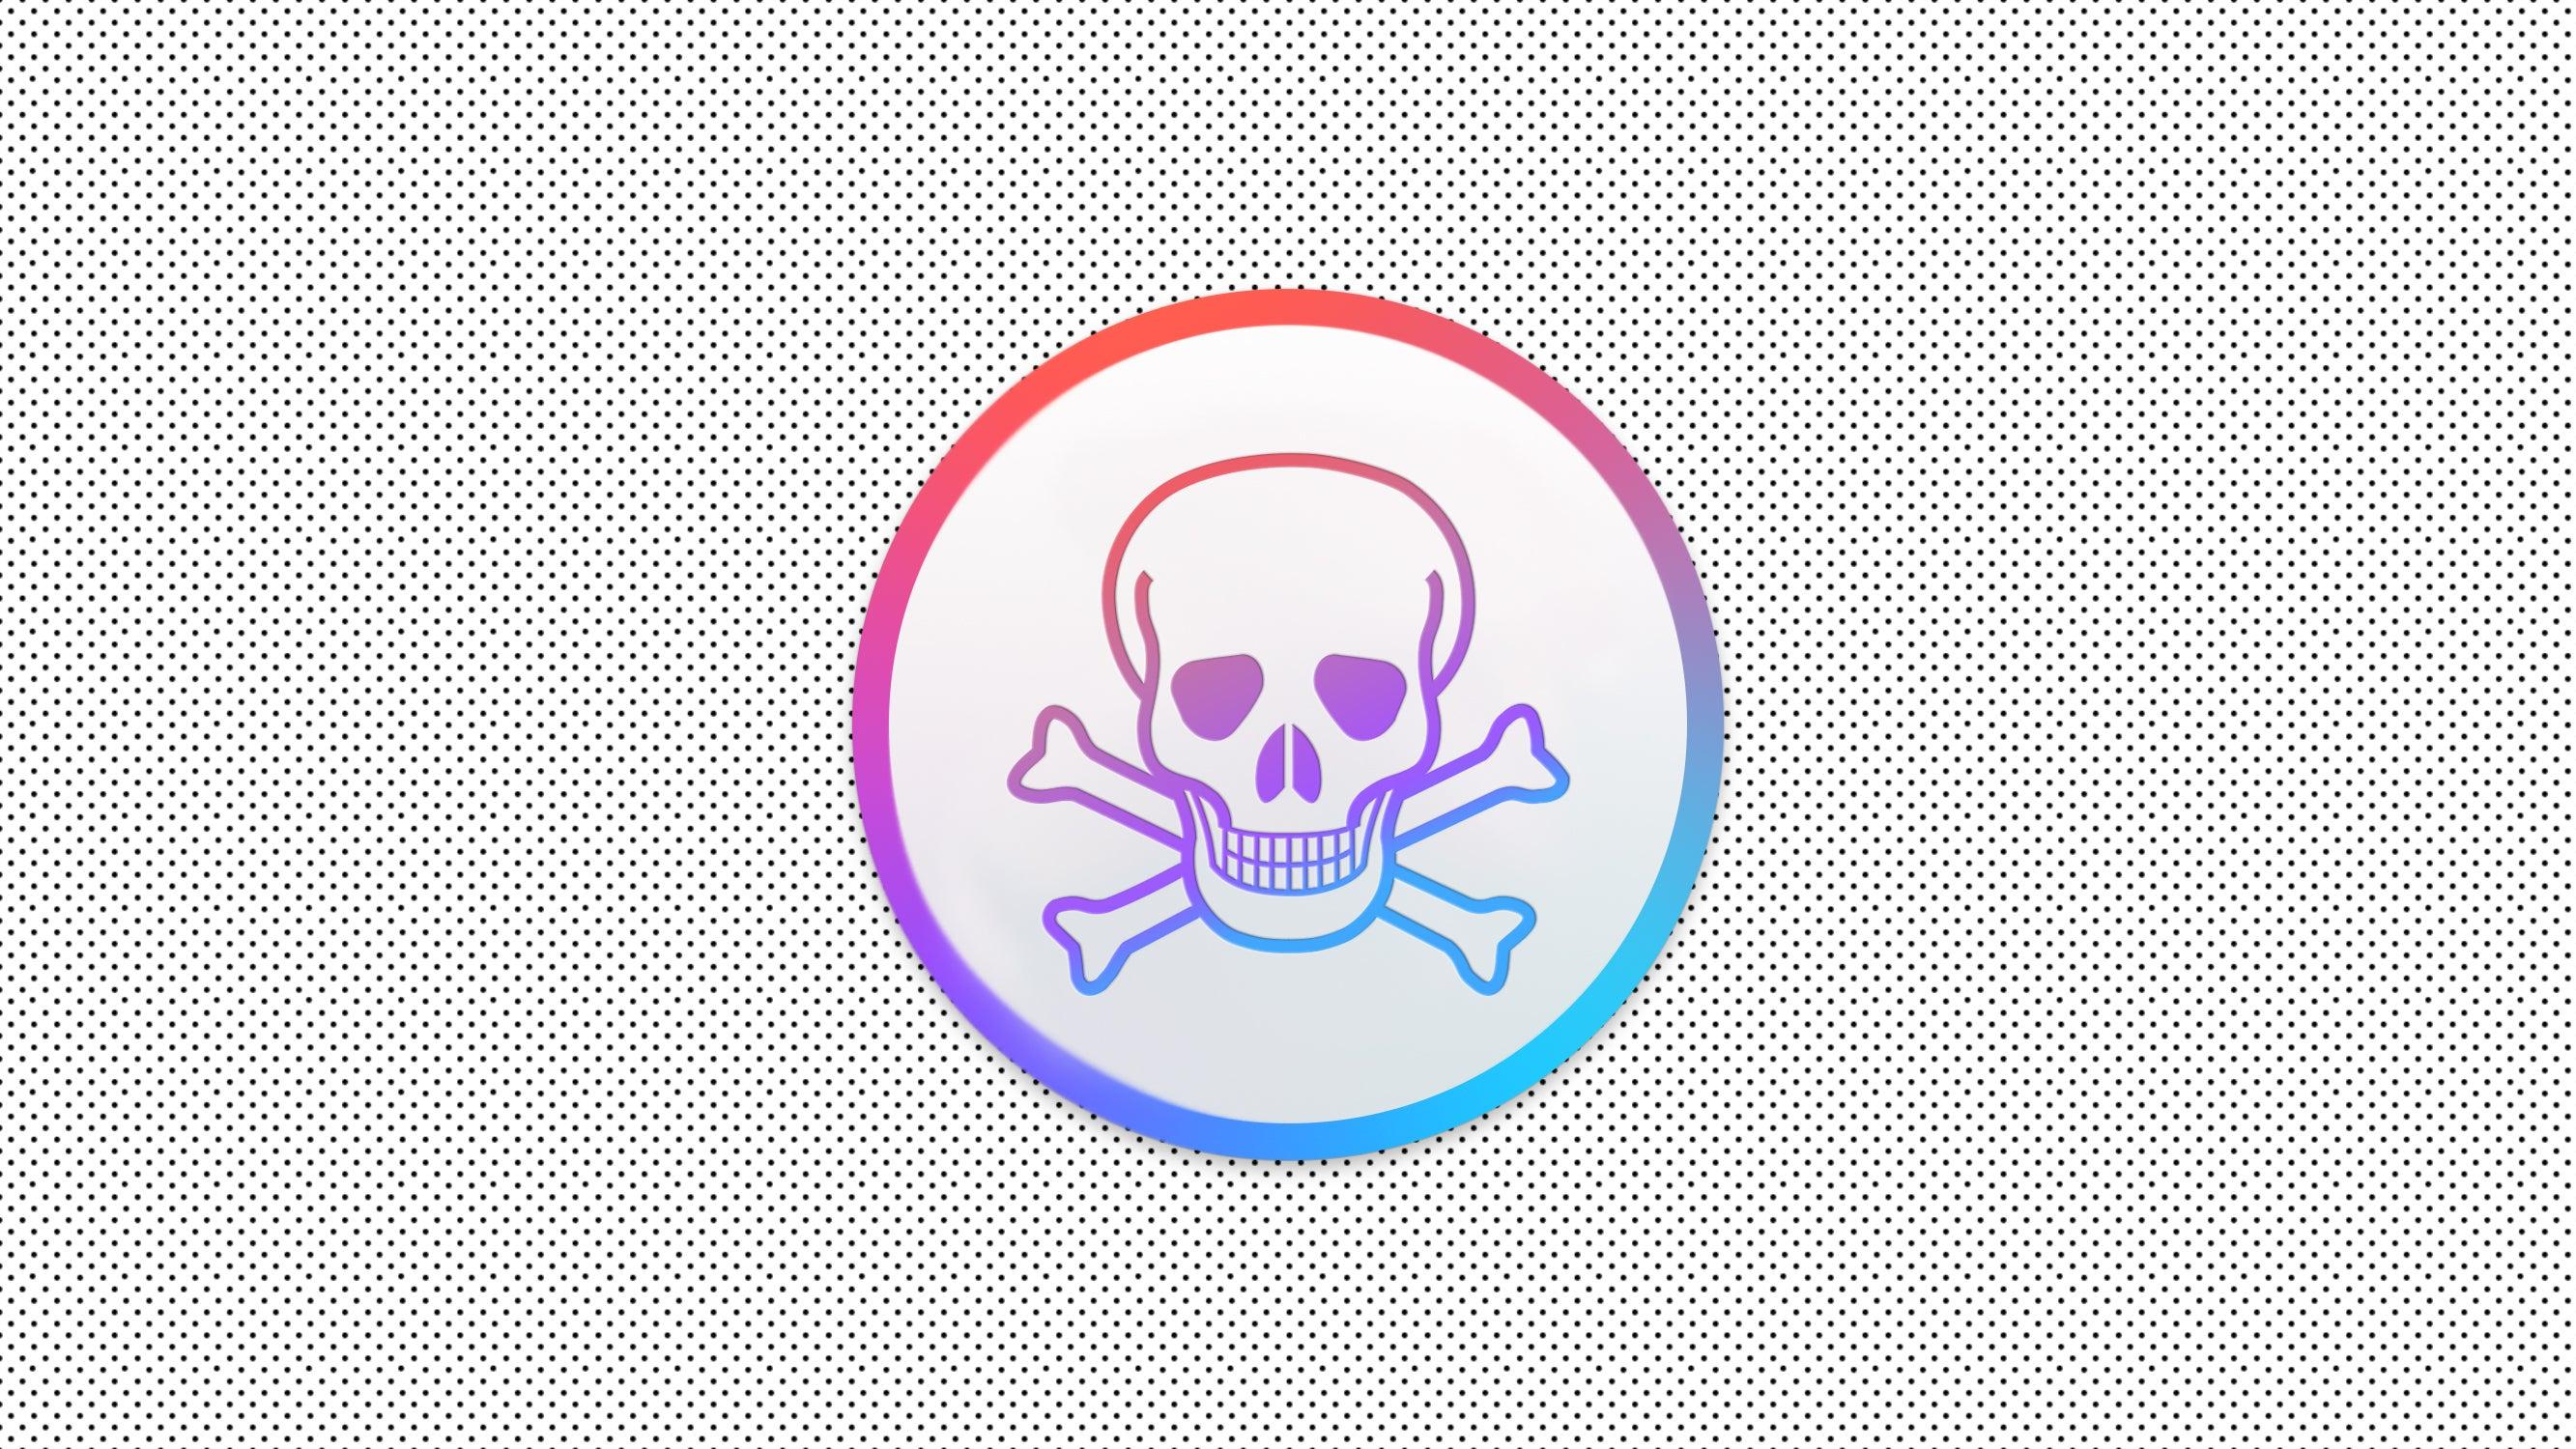 Will Apple Just Kill iTunes Already?